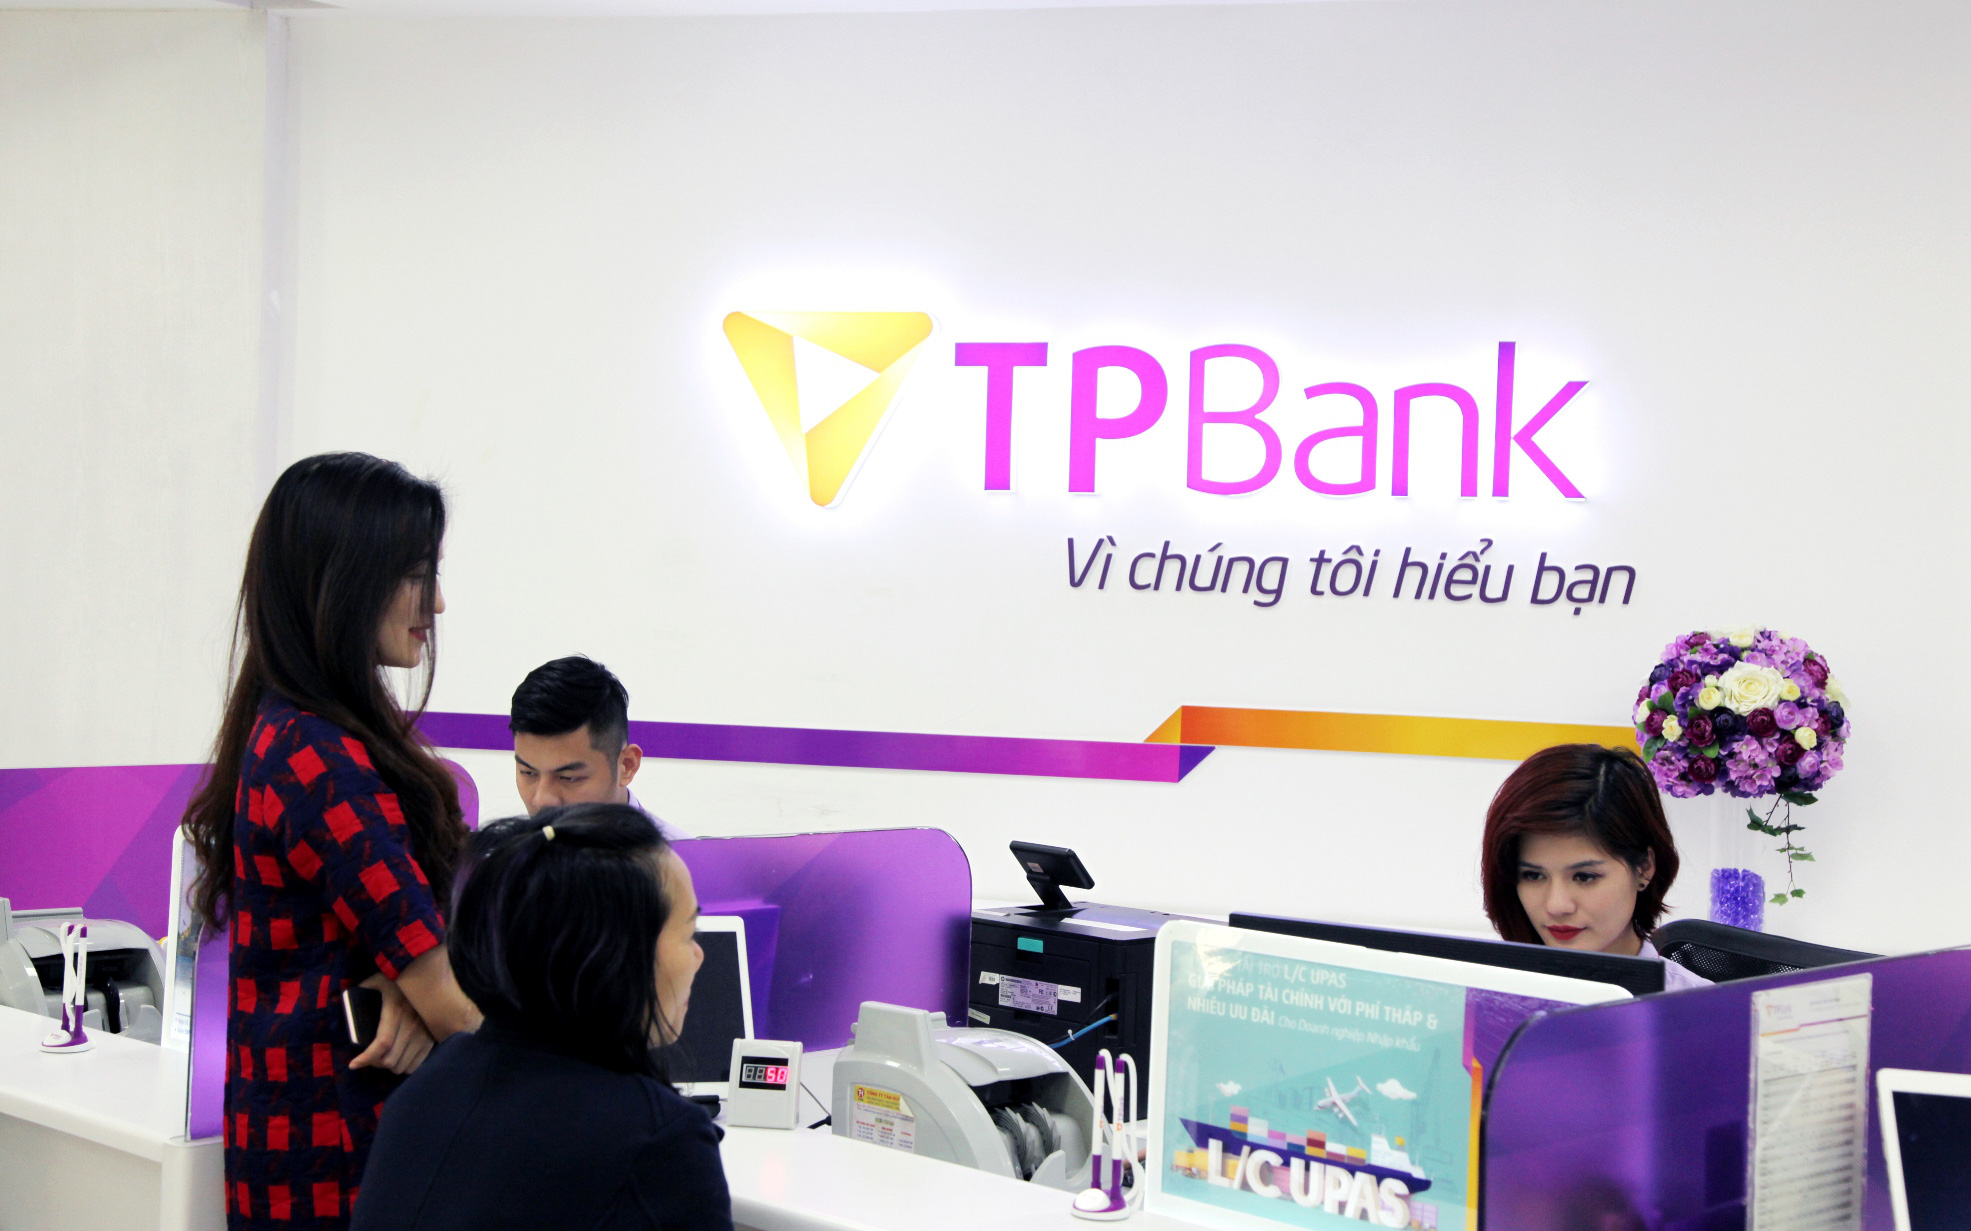 DOJI hủy giao dịch mua 11,6 triệu cổ phiếu TPB